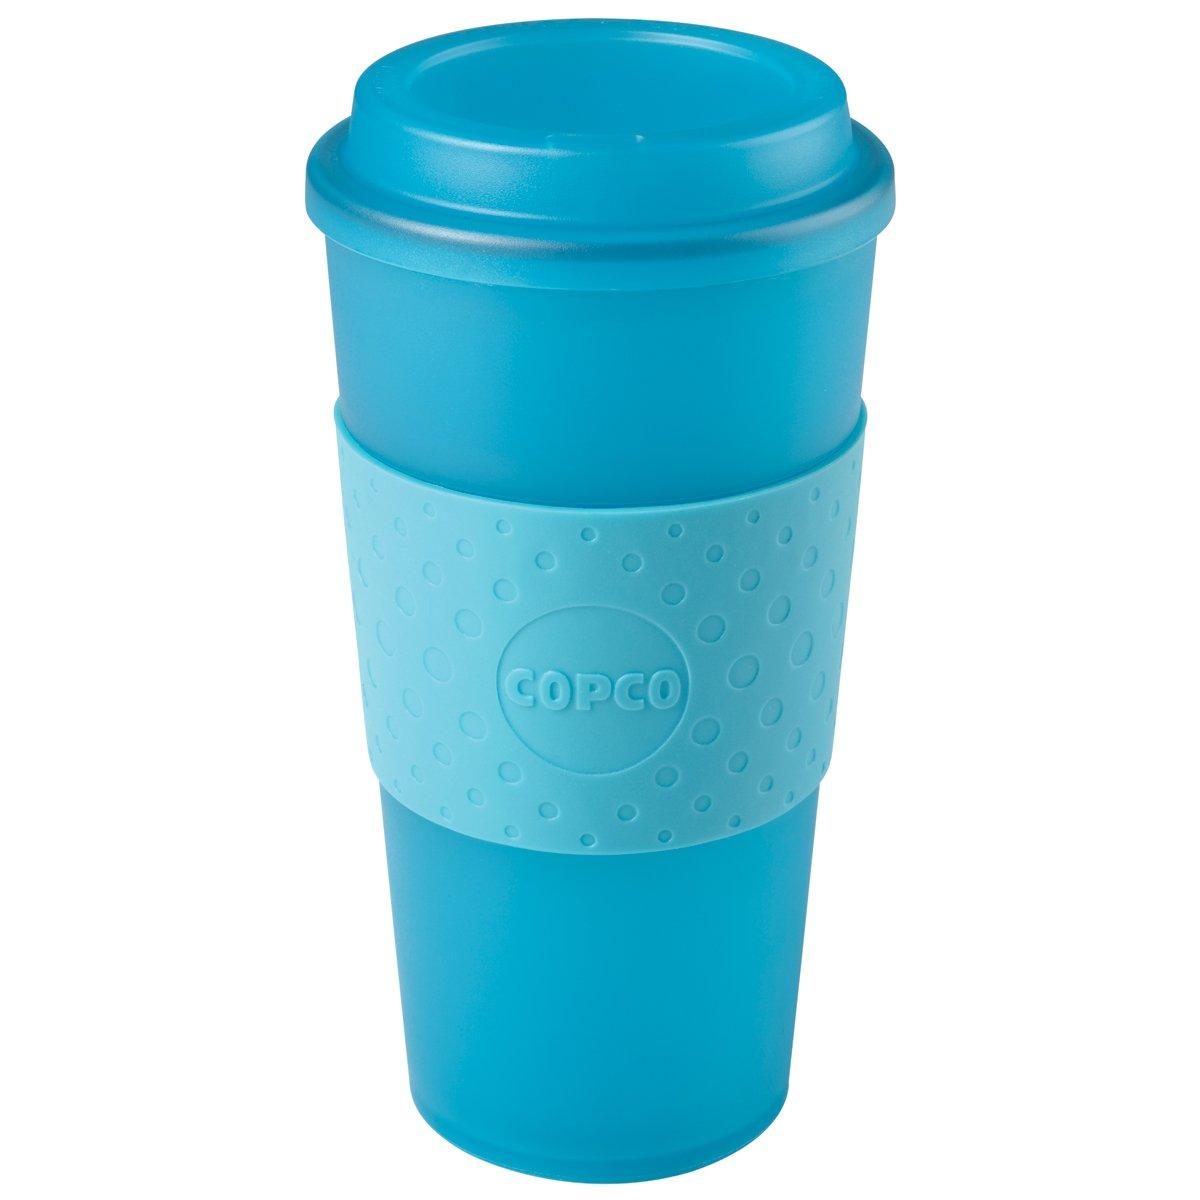 Copco Various Acadia Travel Mug 16 oz Translucent Teal: Amazon.co.uk ...